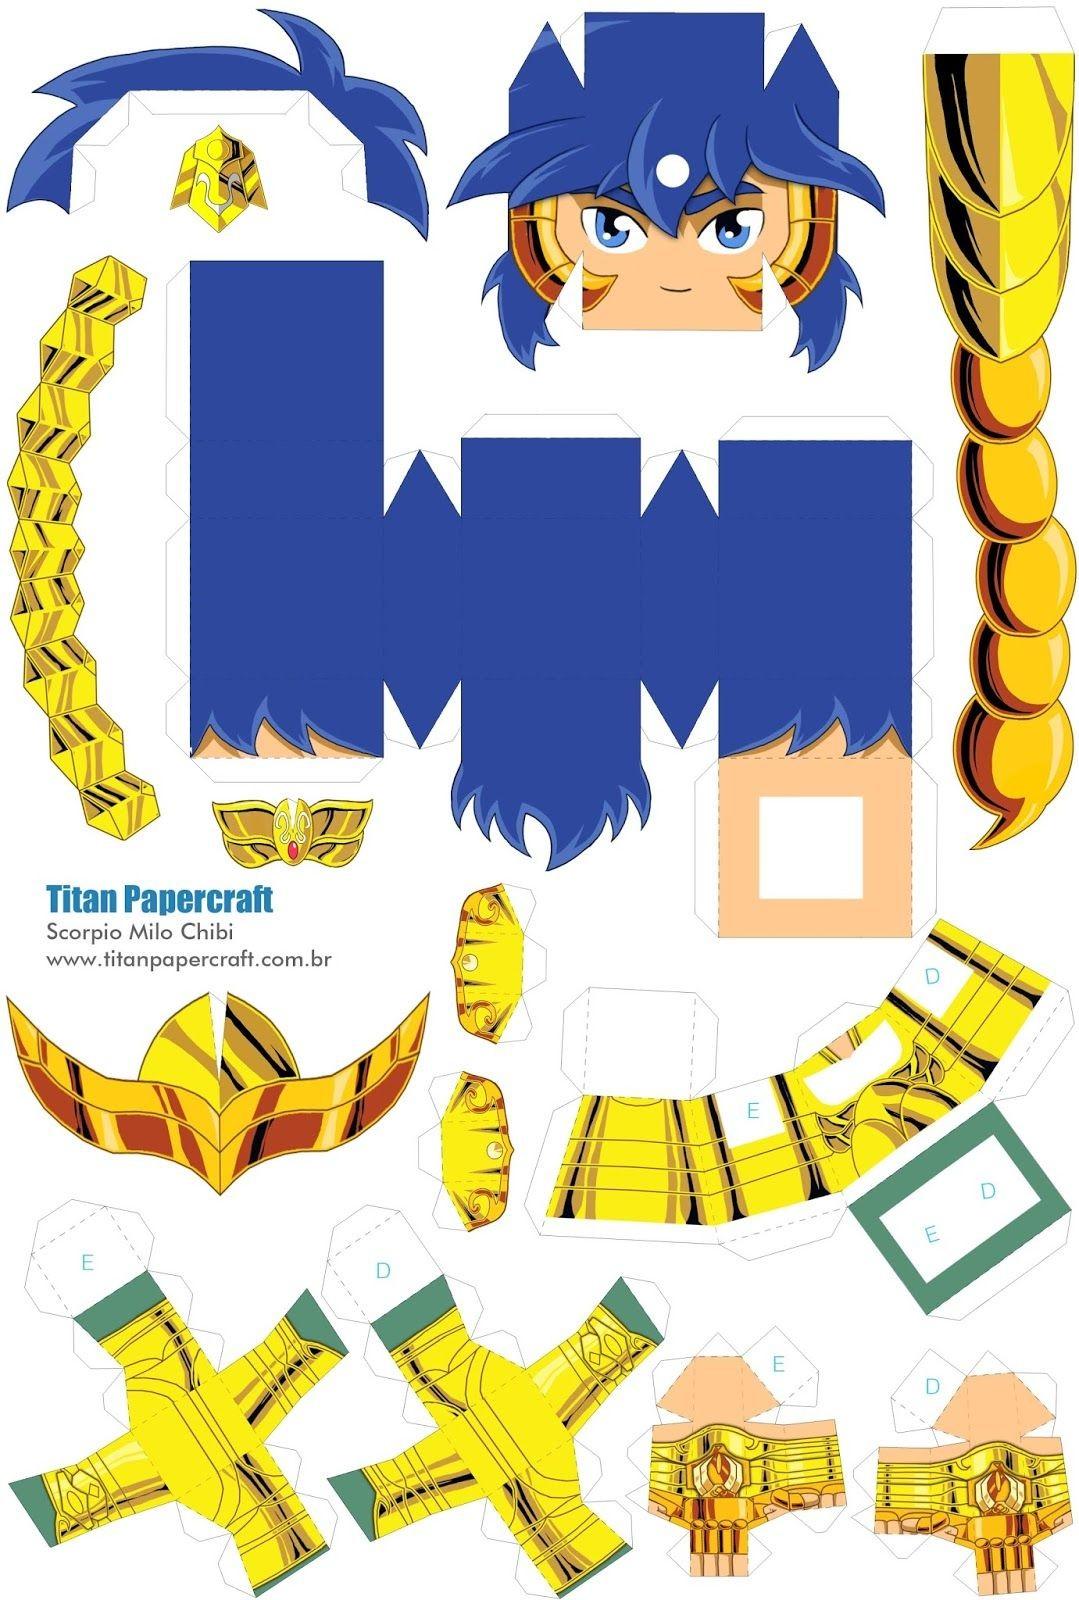 Persona Papercraft Monte E Colecione Papercraft De Seus Personagens Preferidos